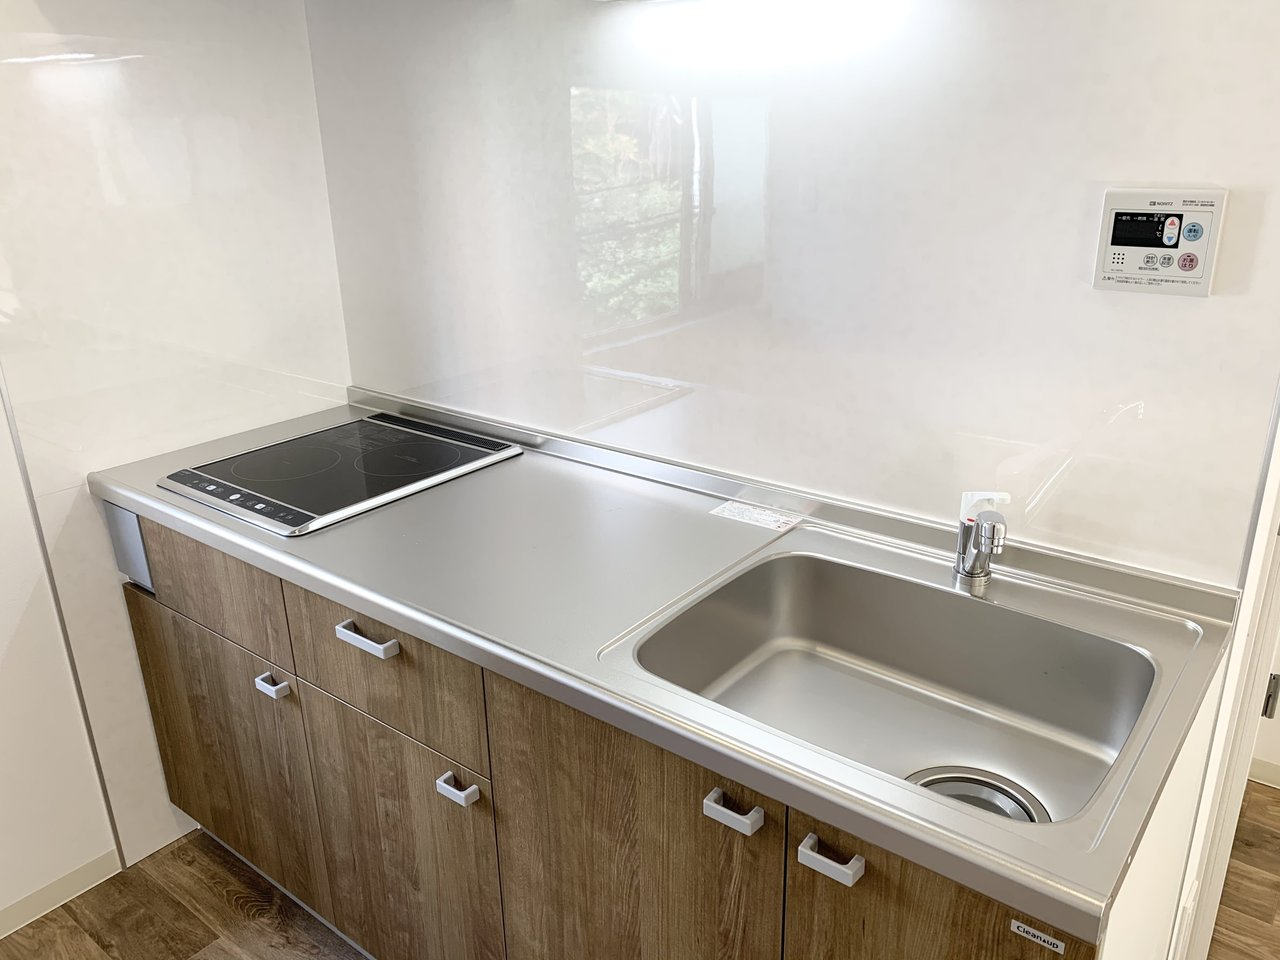 まな板を横向きに置ける調理スペース。調理と洗い物と、一緒に並んで作業もできそうです。